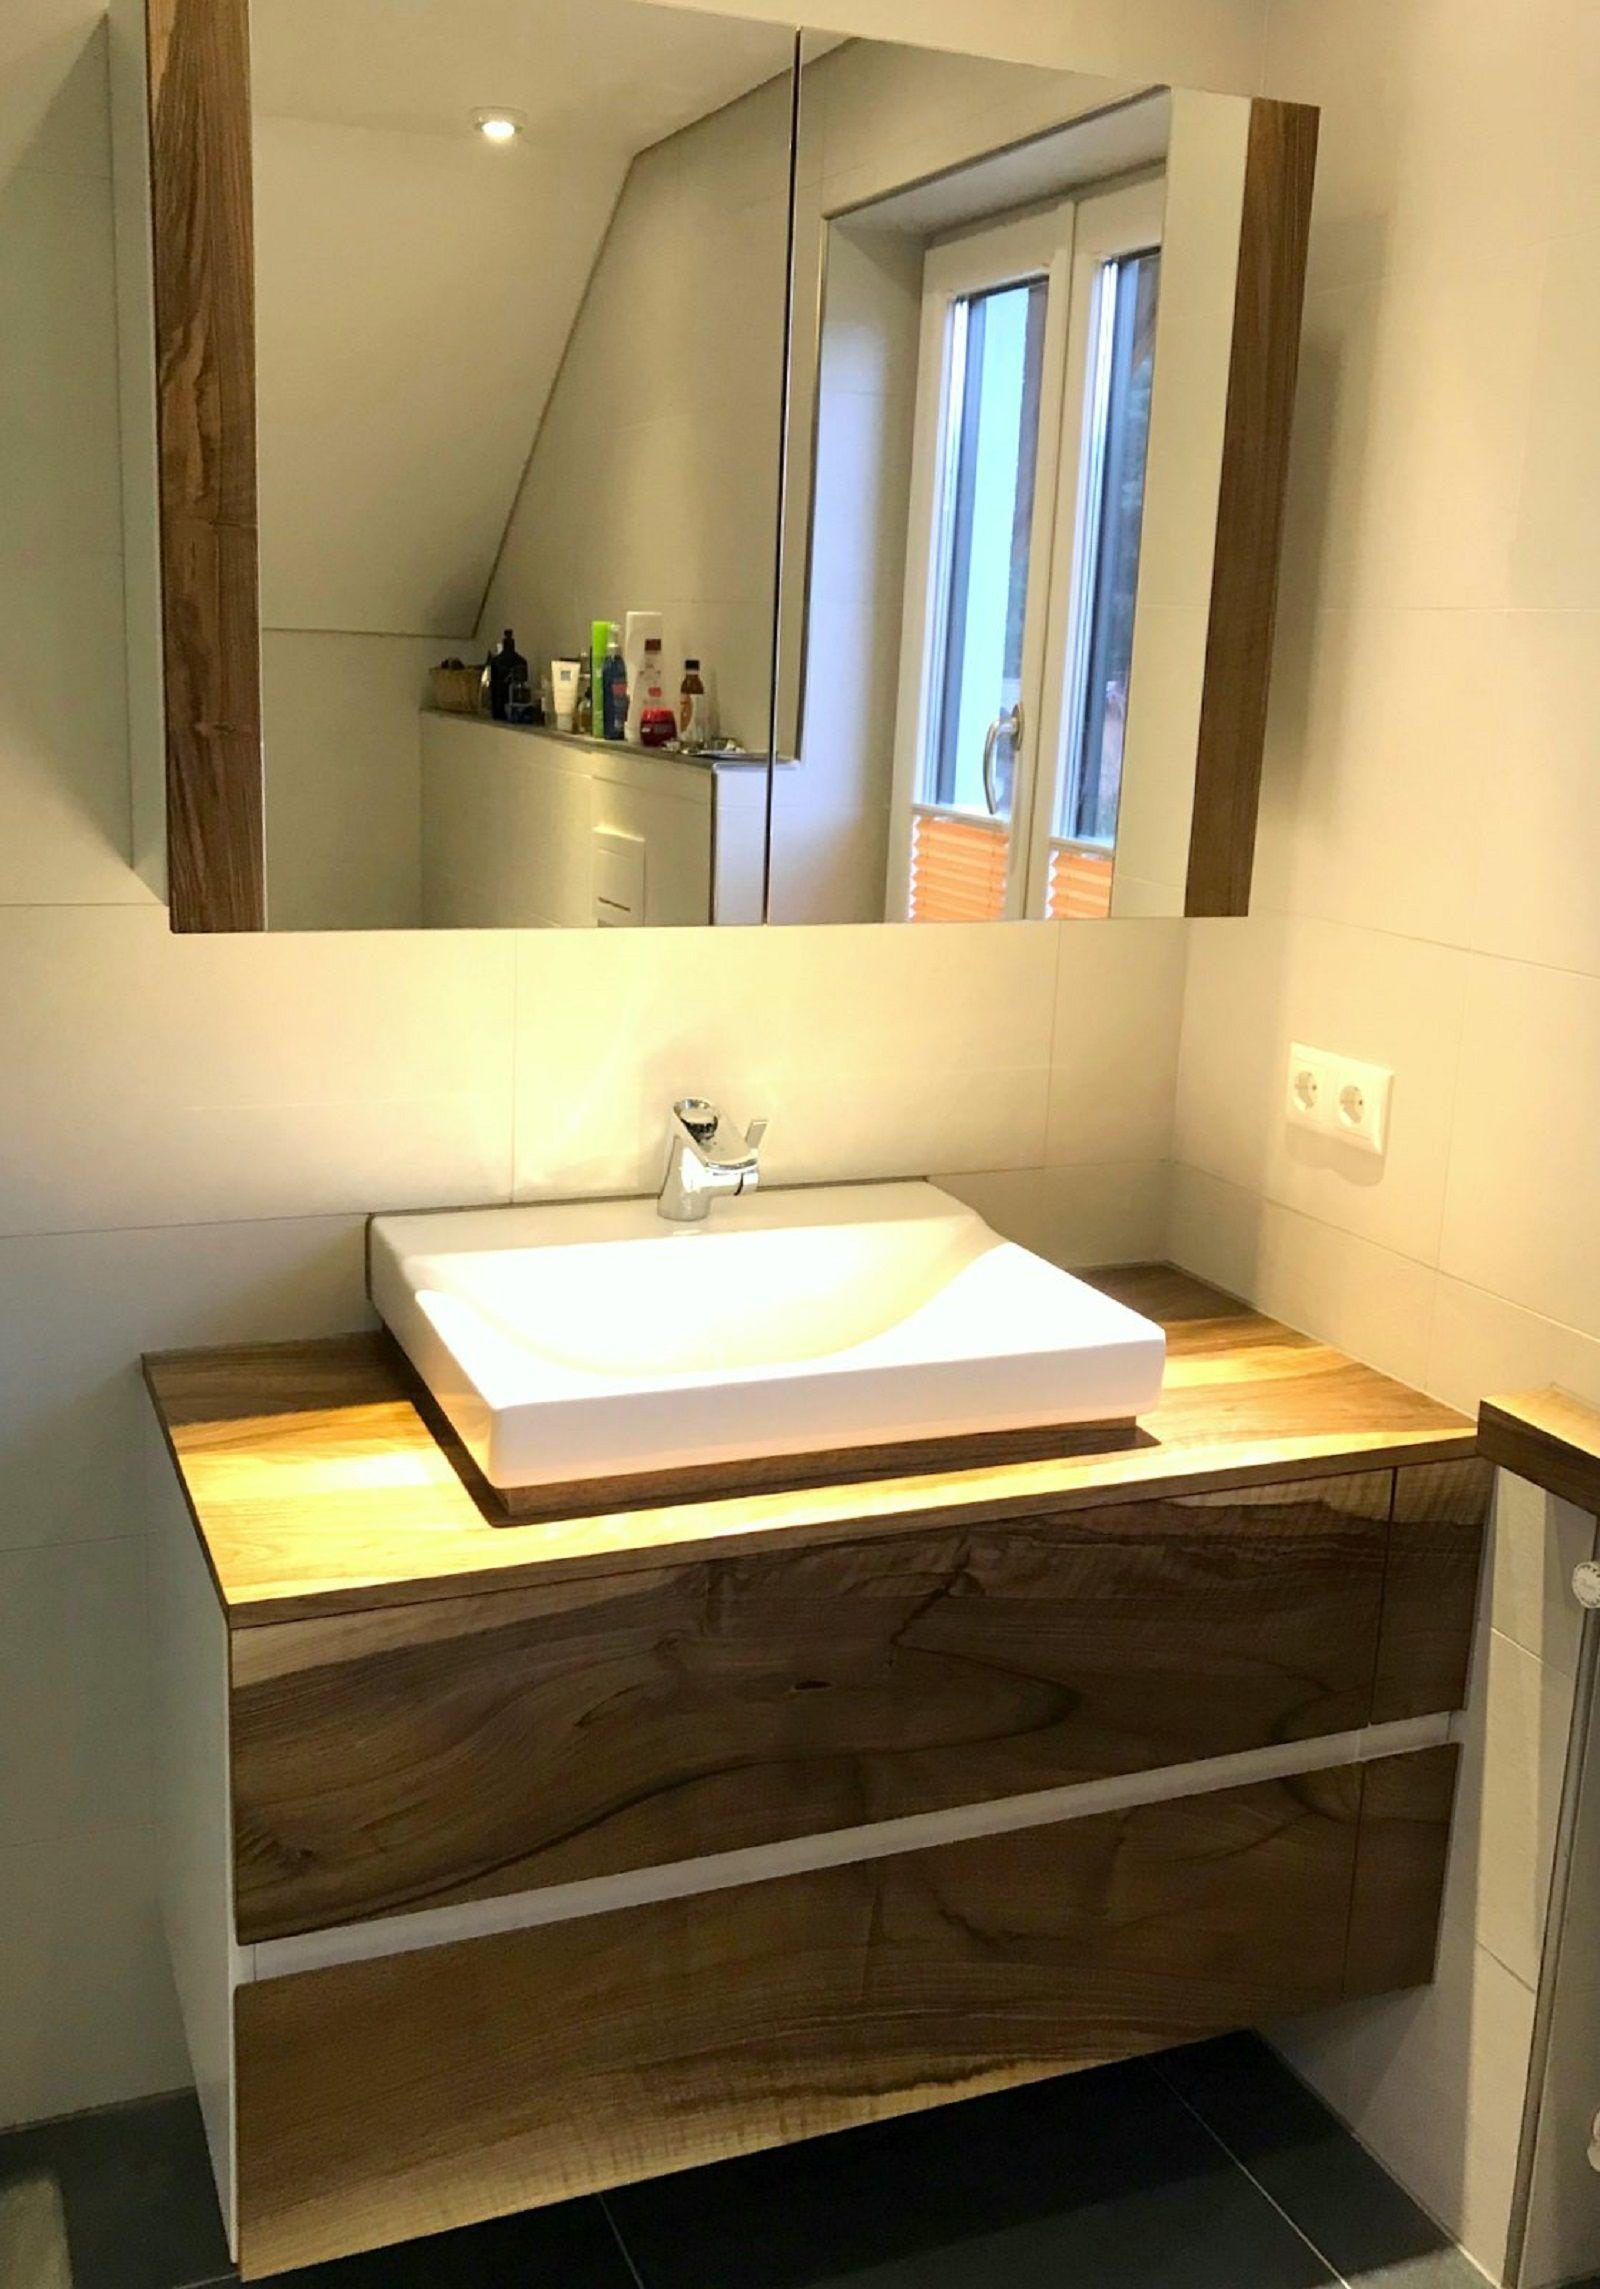 Holz Im Bad Waschtisch Aus Heimischen Nussbaum Mit Aufsatzbecken